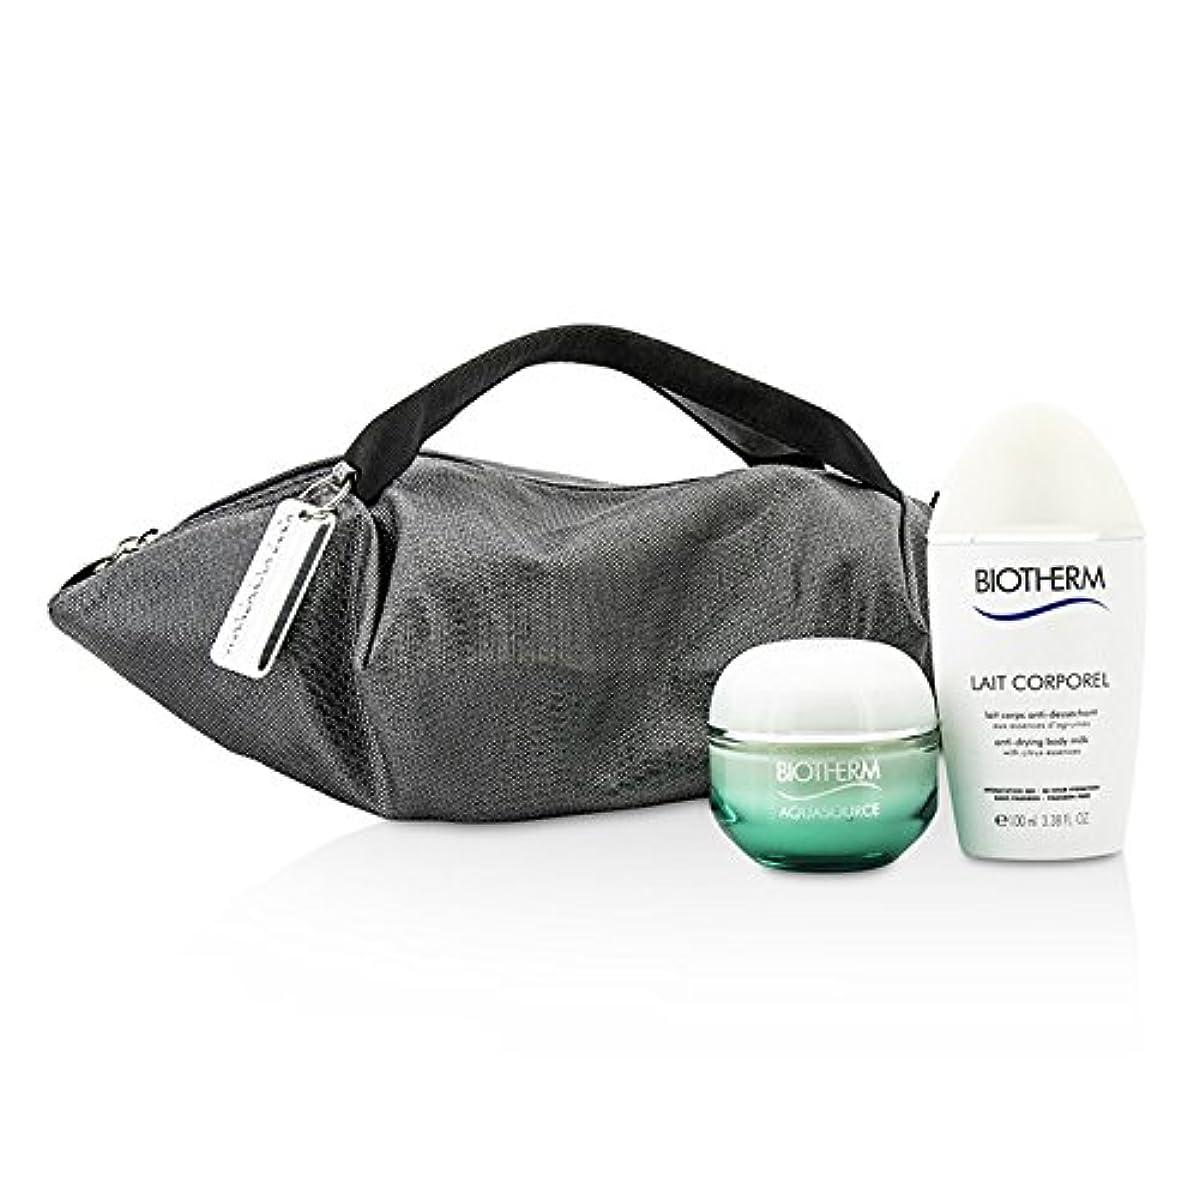 作動するデッキエゴマニアビオテルム Aquasource & Body Care X Mandarina Duck Coffret: Cream N/C 50ml + Anti-Drying Body Care 100ml + Handle Bag...